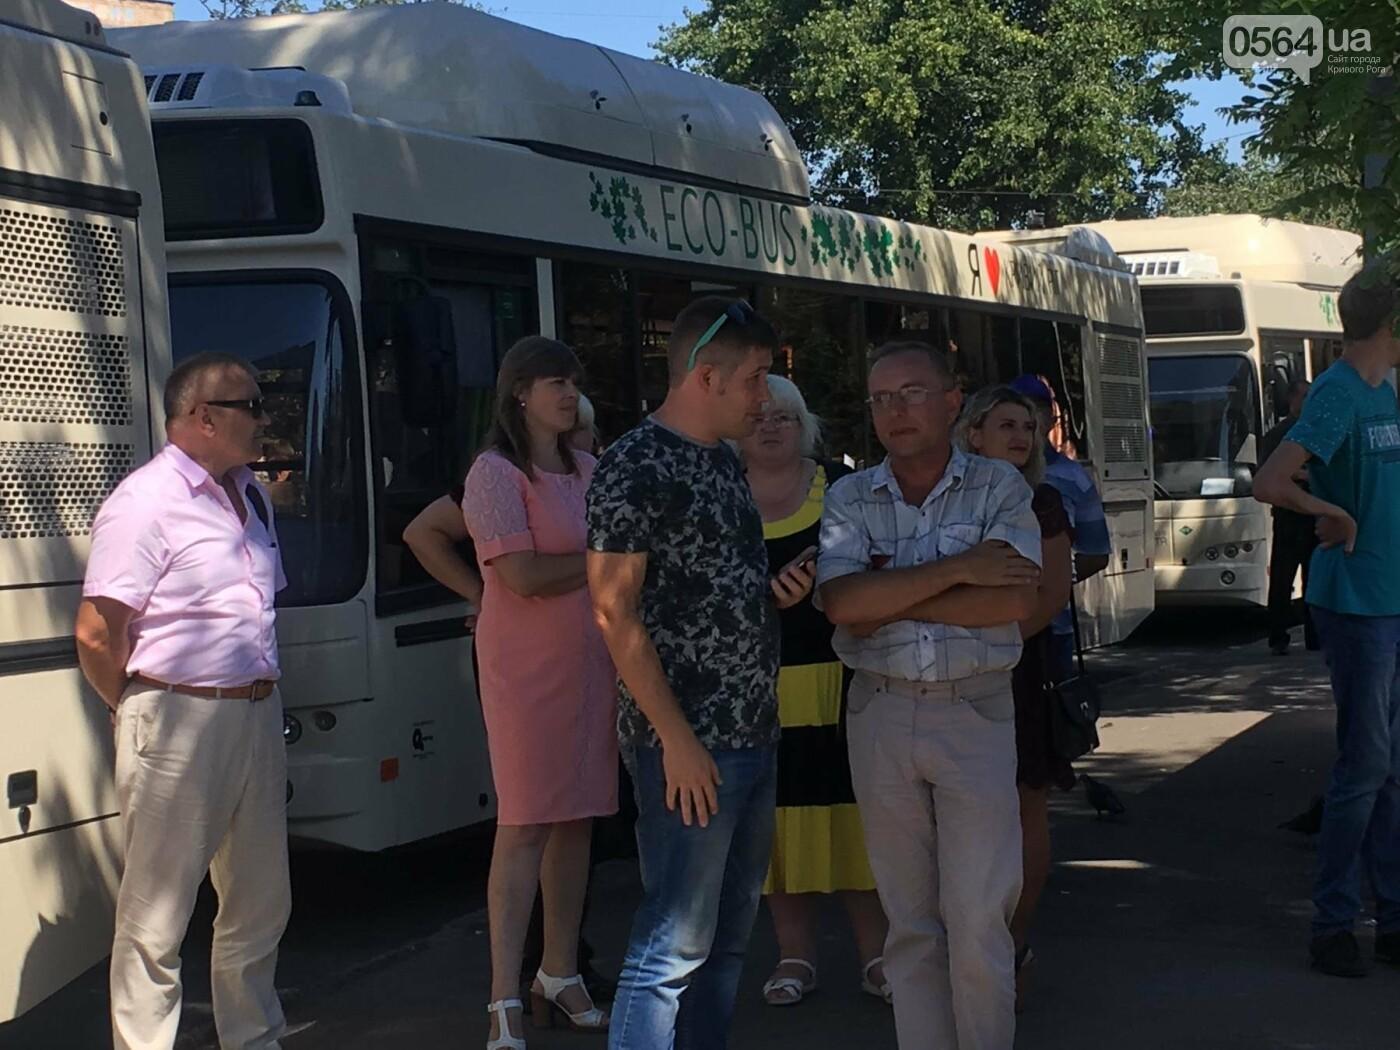 Как в Кривом Роге торжественно вручили водителям ключи от новых троллейбусов и автобусов, - ФОТО, ВИДЕО, фото-1